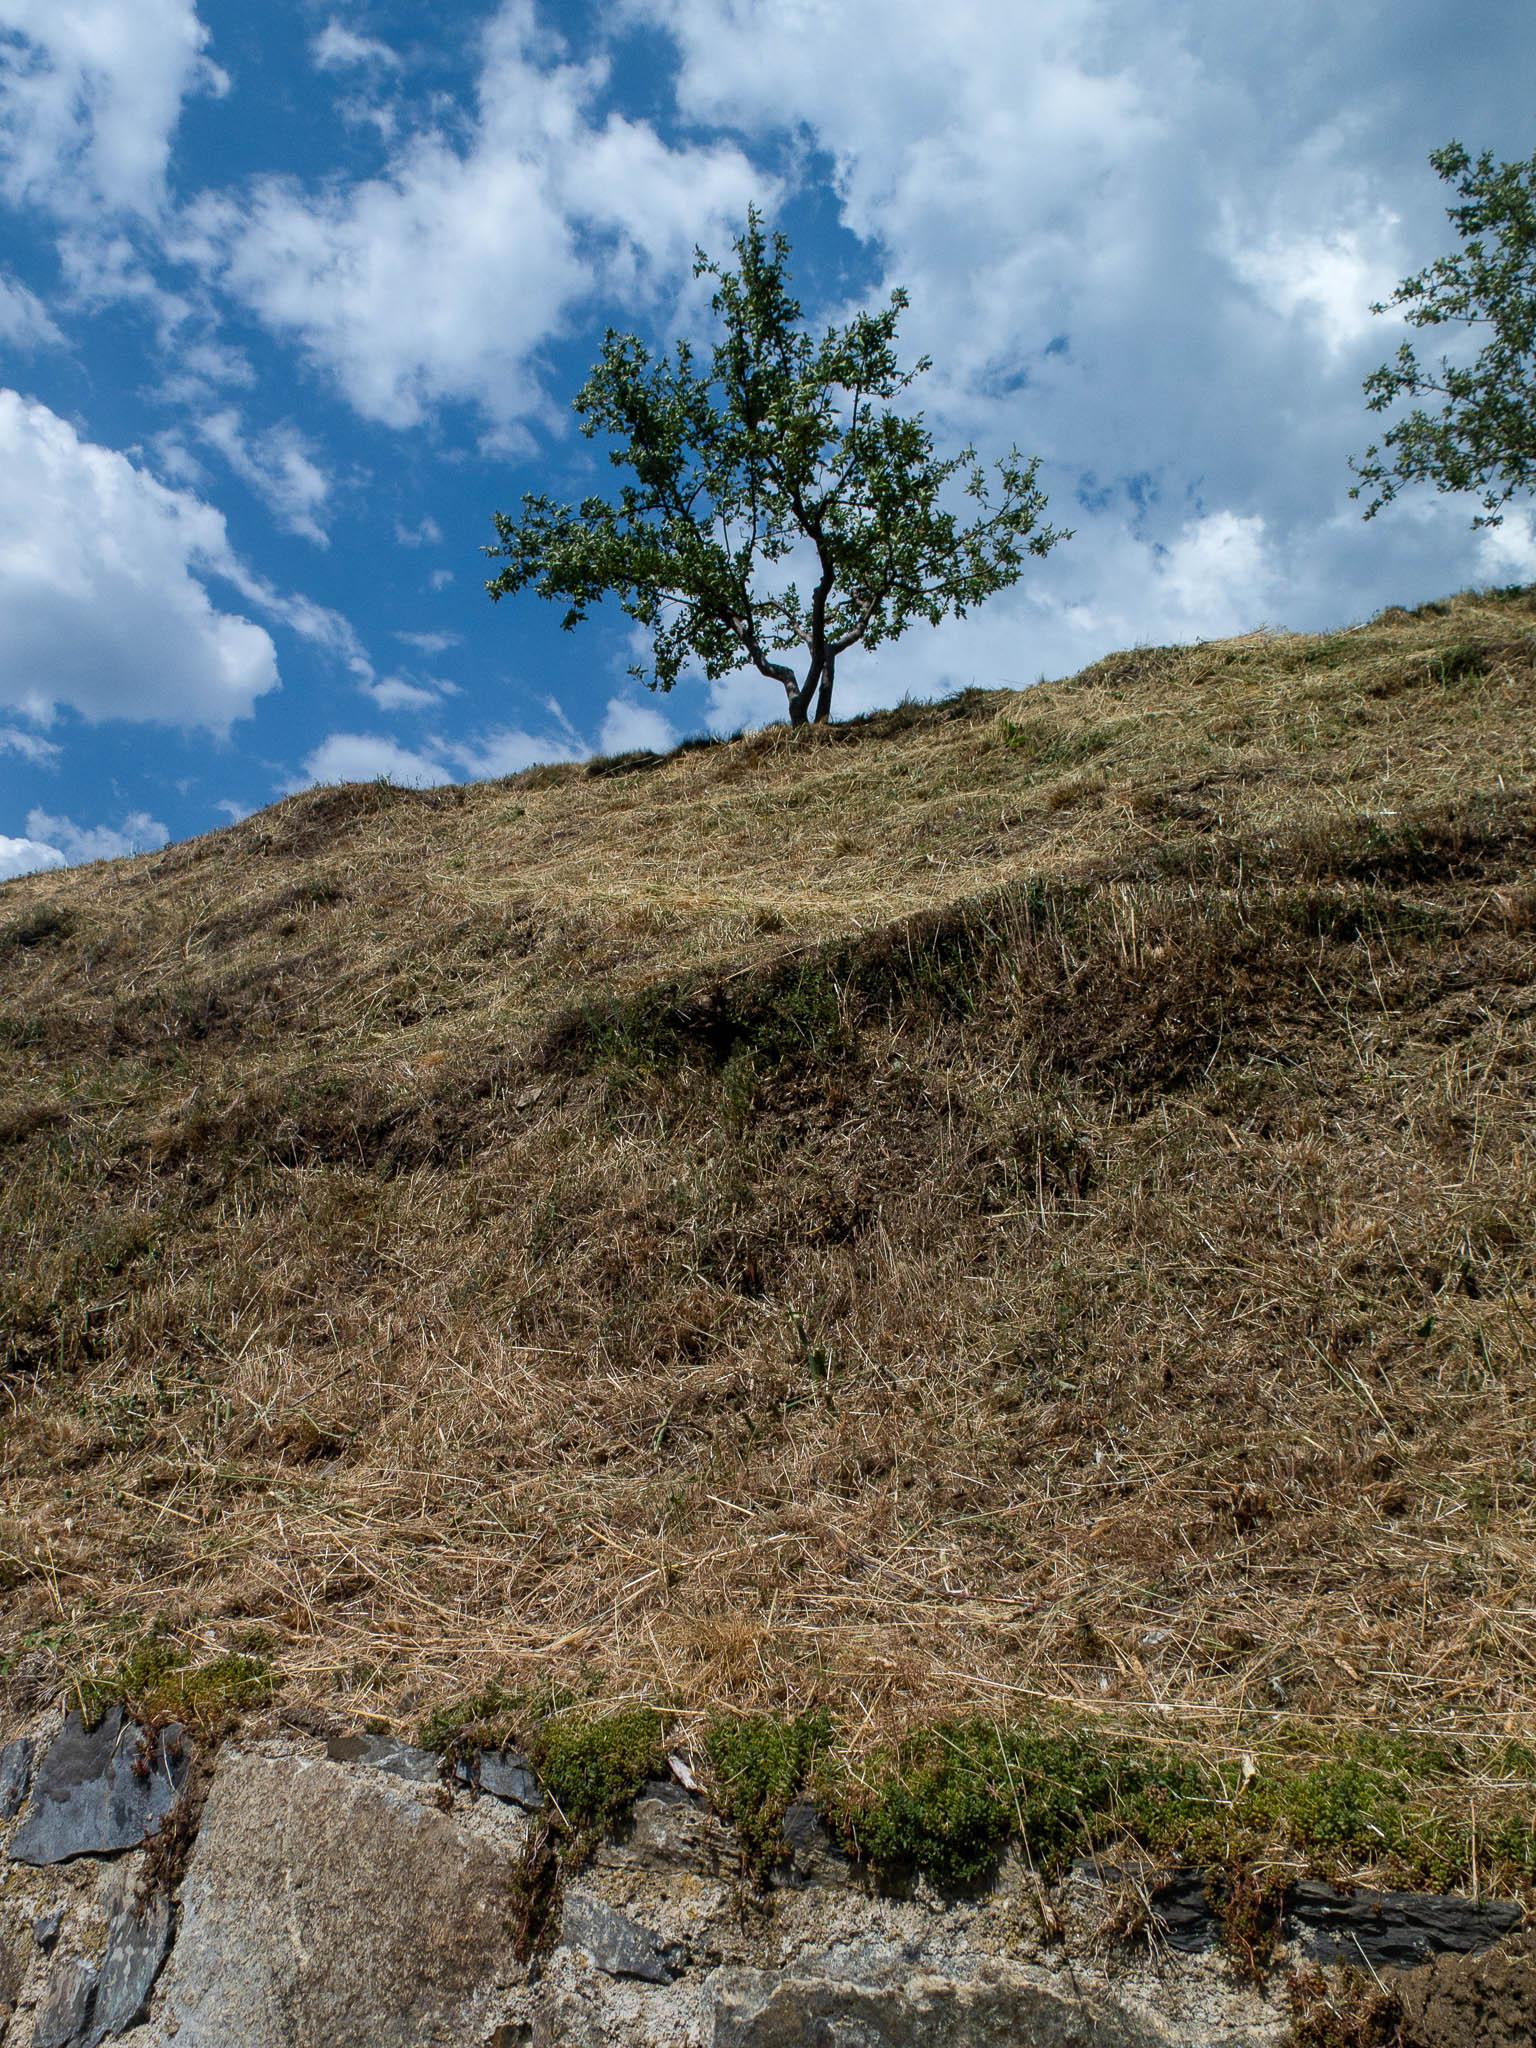 Vertrocknetes Gras auf dem Berg, oben ein Baum, blauer Himmel mit weiße Wolken